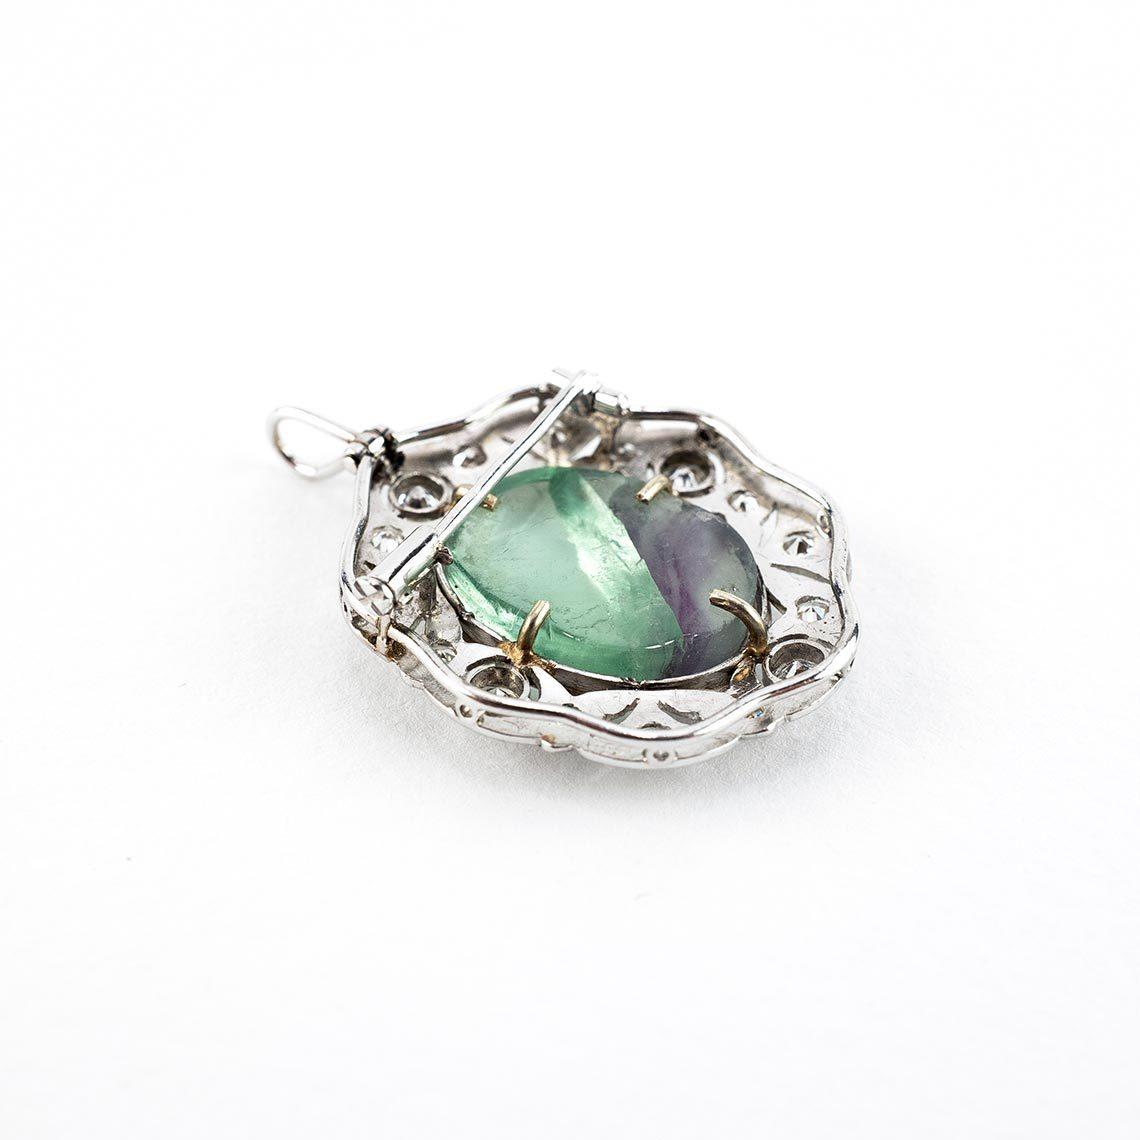 Vintage pendant/brooch